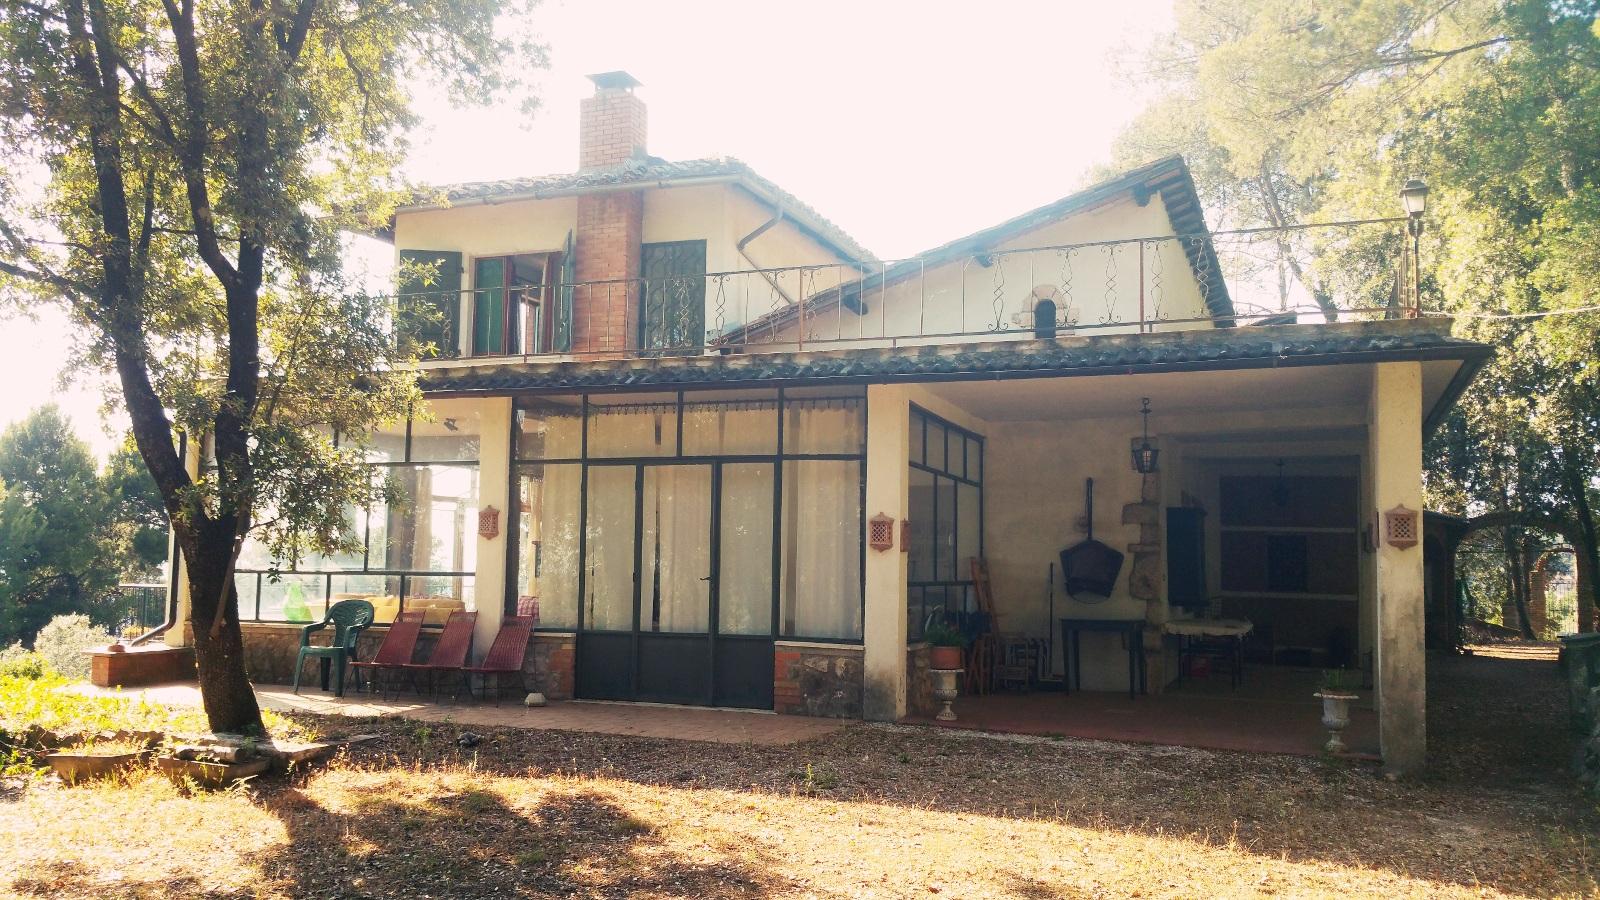 Villa in vendita a Otricoli, 8 locali, zona Zona: Poggio, prezzo € 270.000   Cambio Casa.it